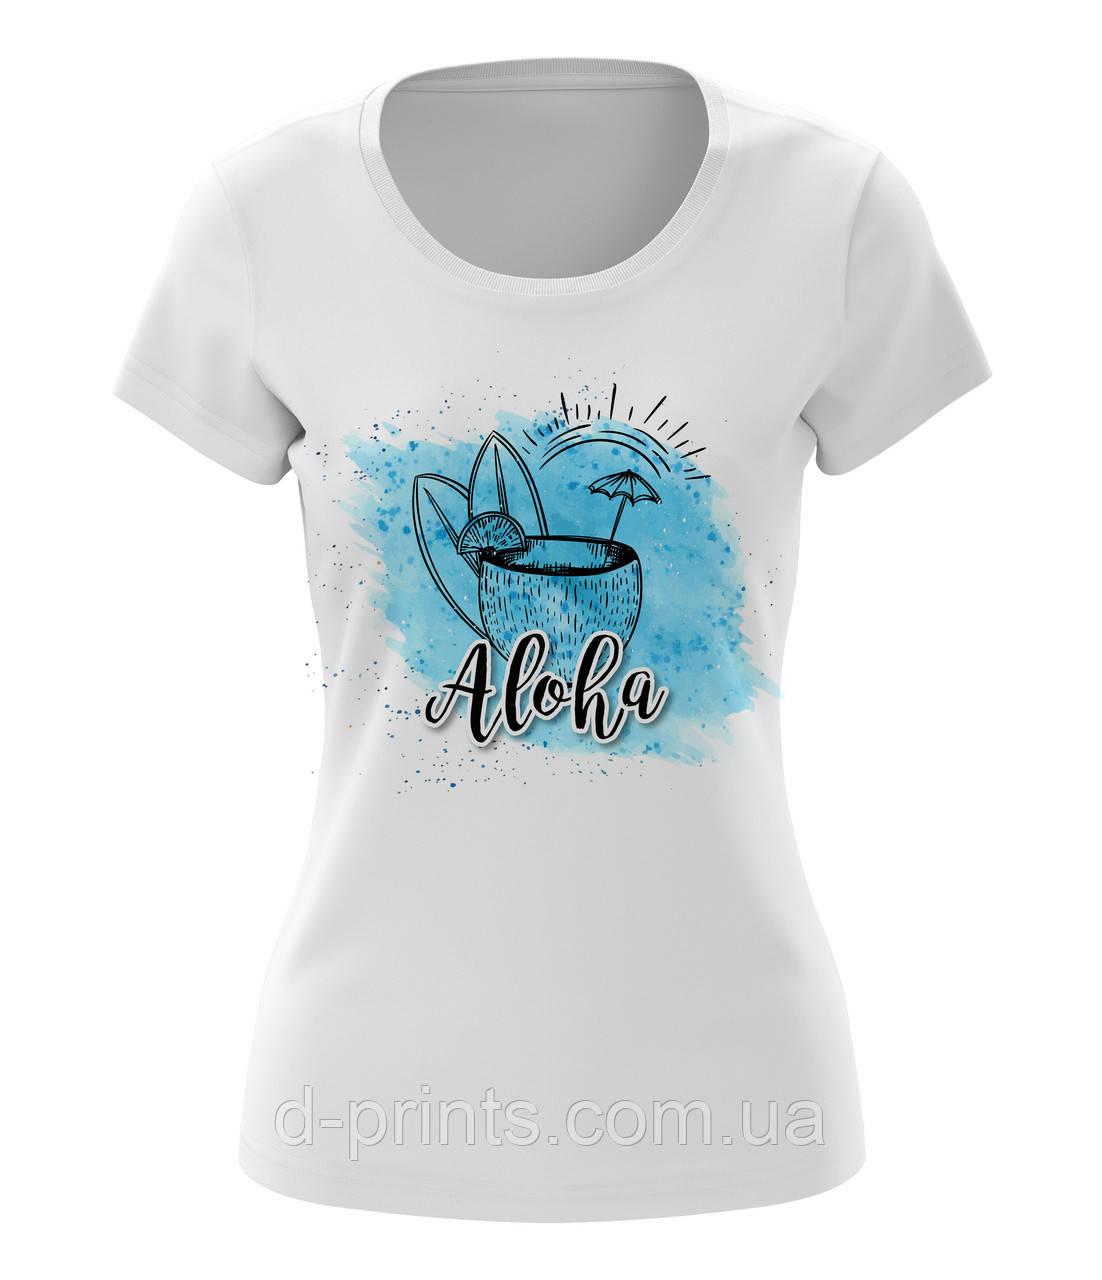 """Футболка жіноча з малюнком """"Aloha """""""